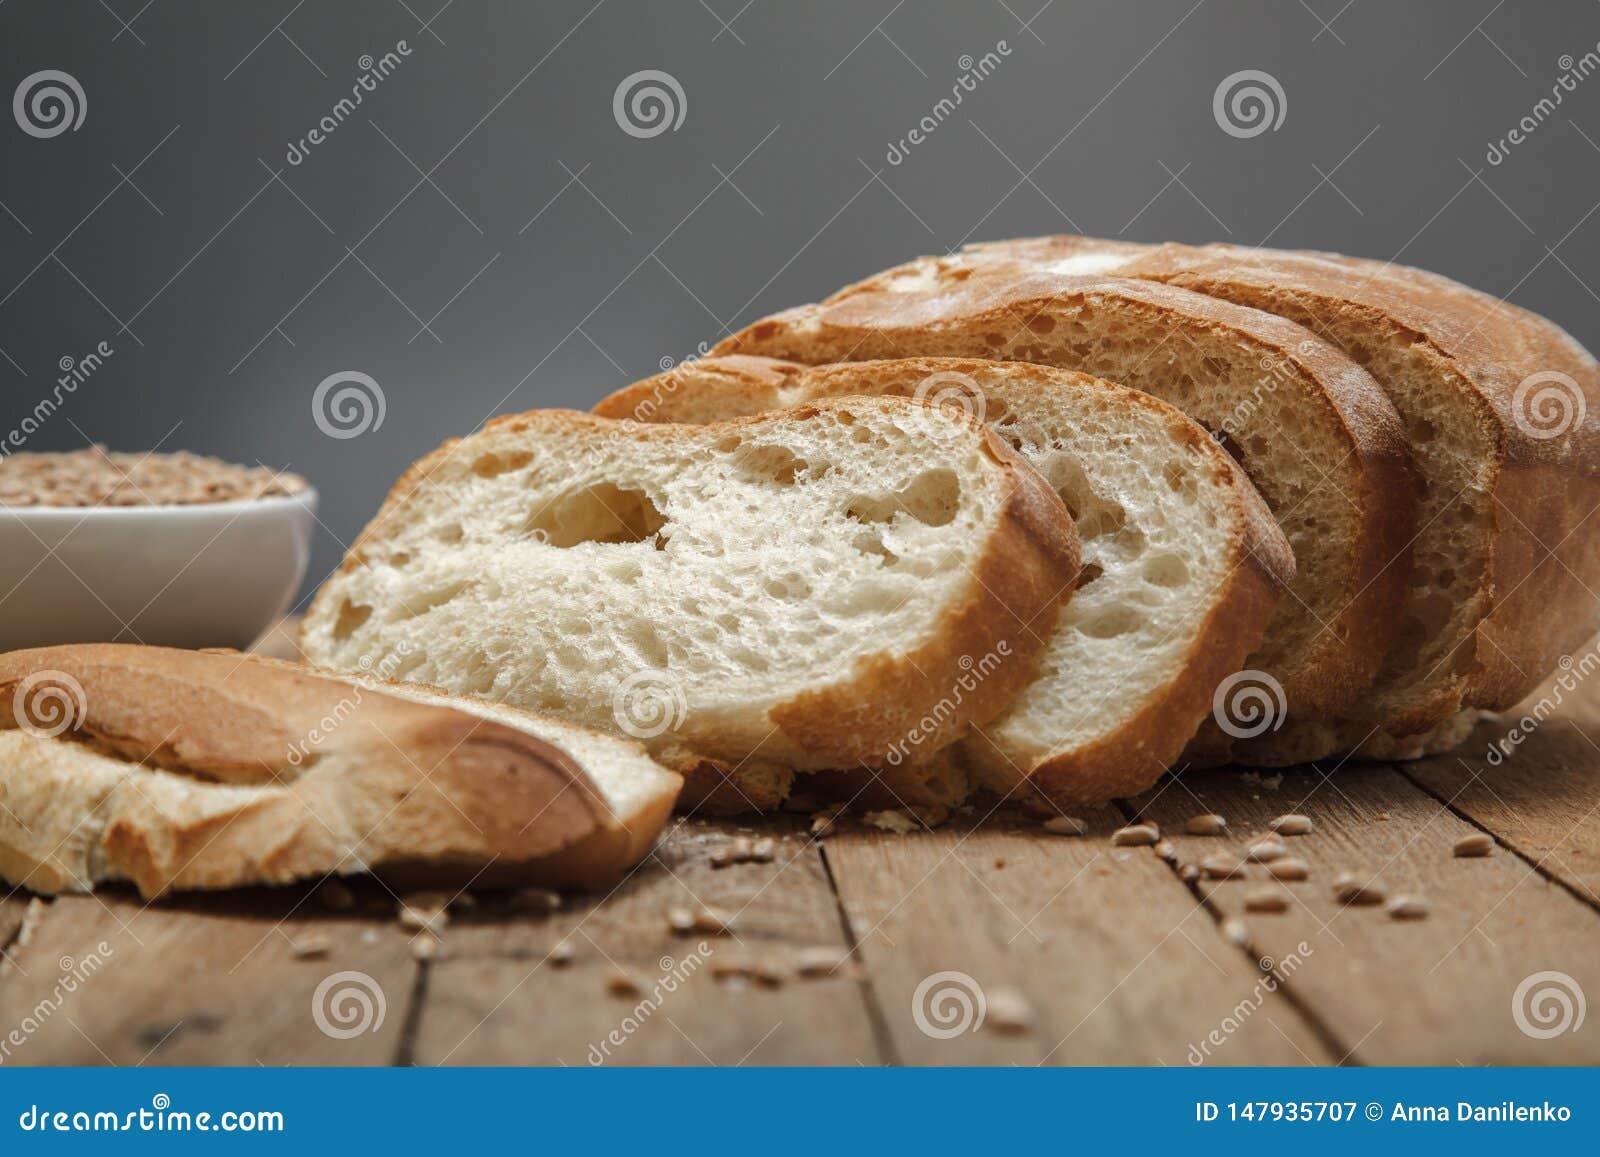 Nya skivade bröd och sädesslag